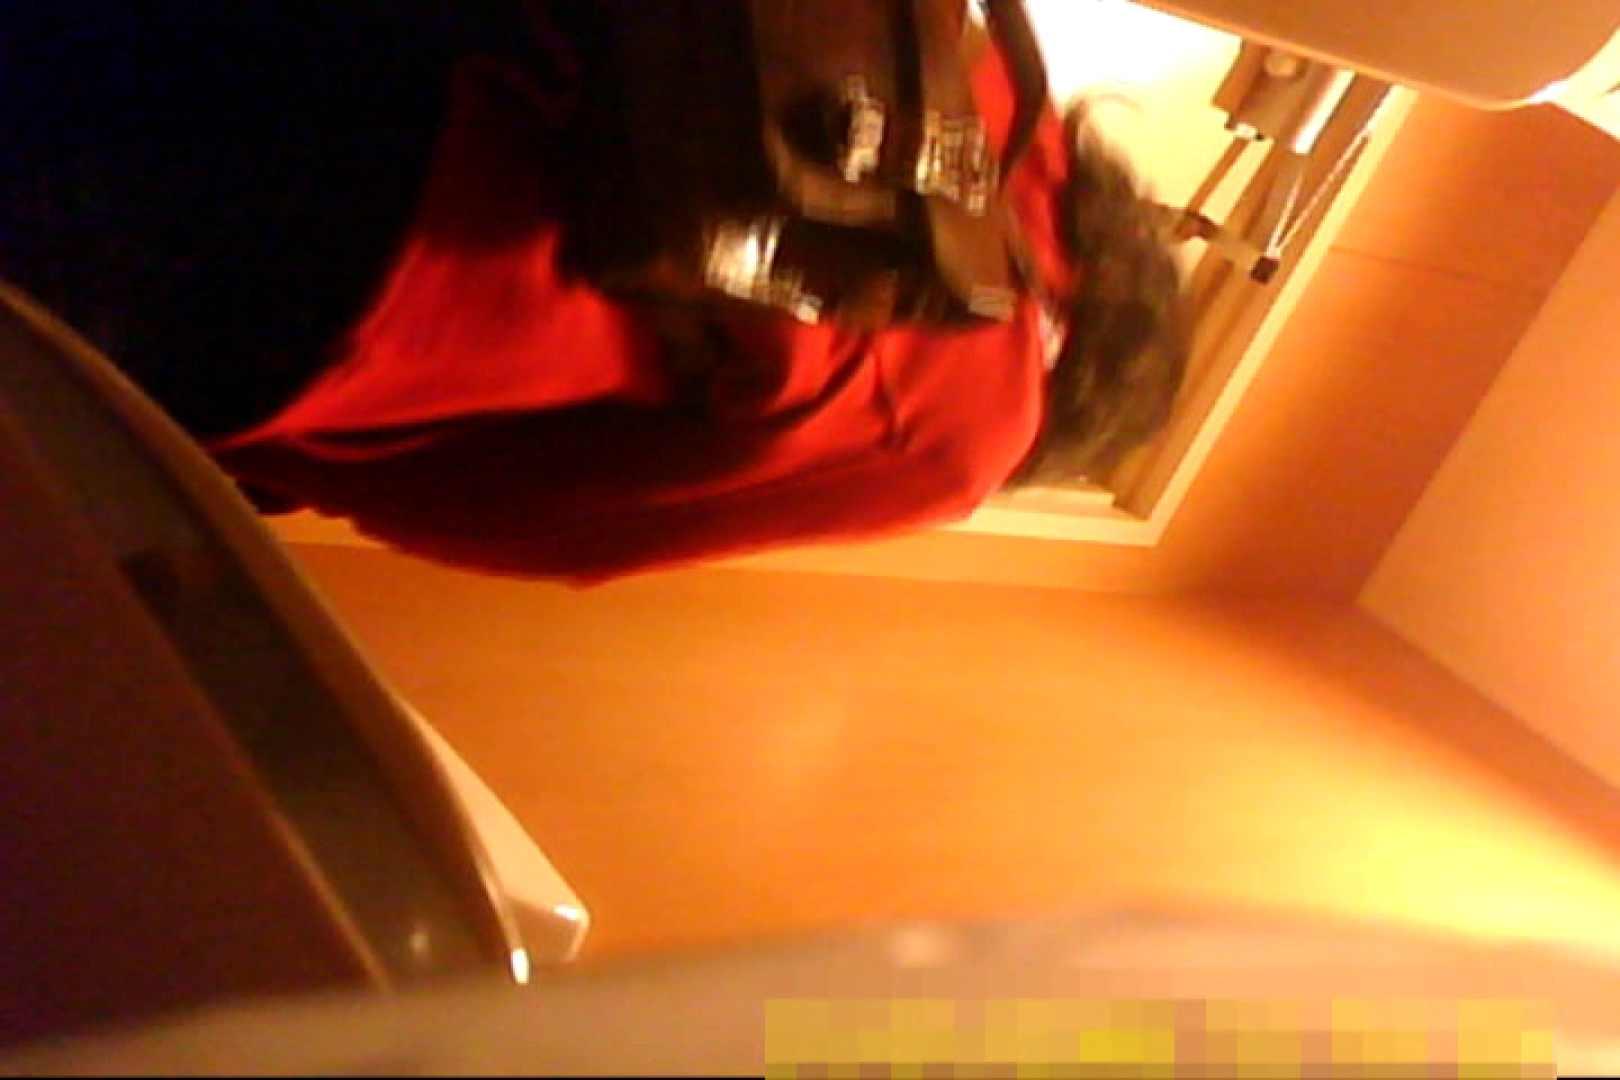 魅惑の化粧室~禁断のプライベート空間~vol.6 お姉さん  81pic 53